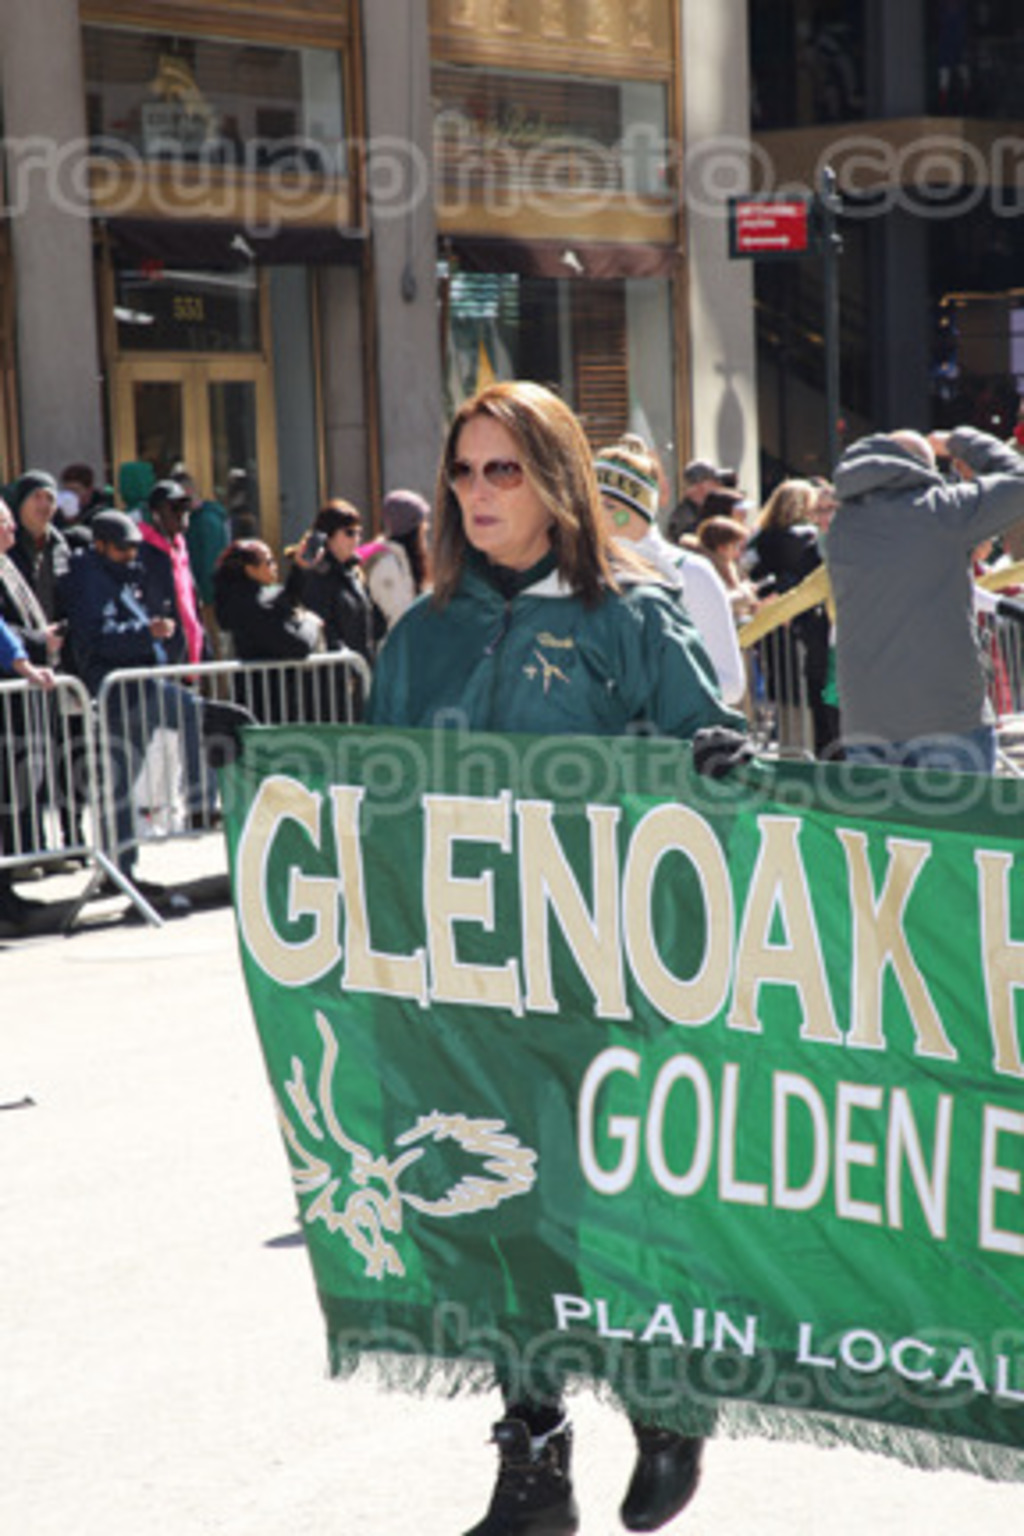 GlenOak